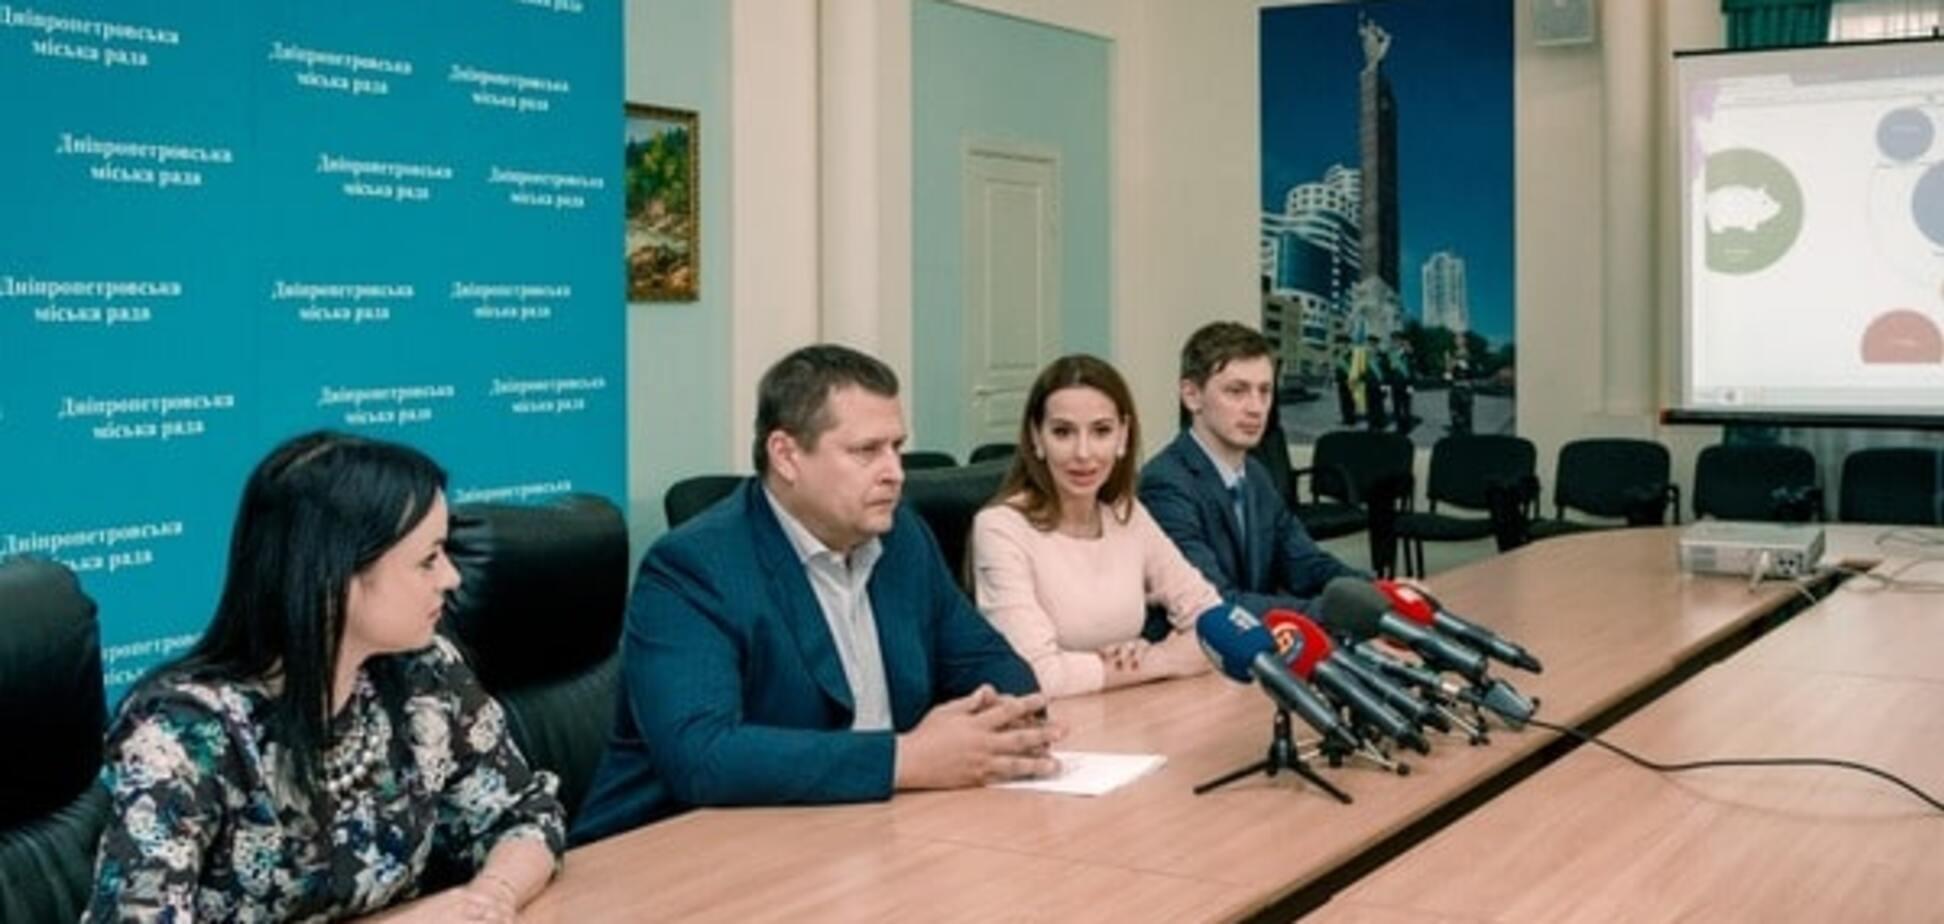 Борис Филатов и Яника Мерило